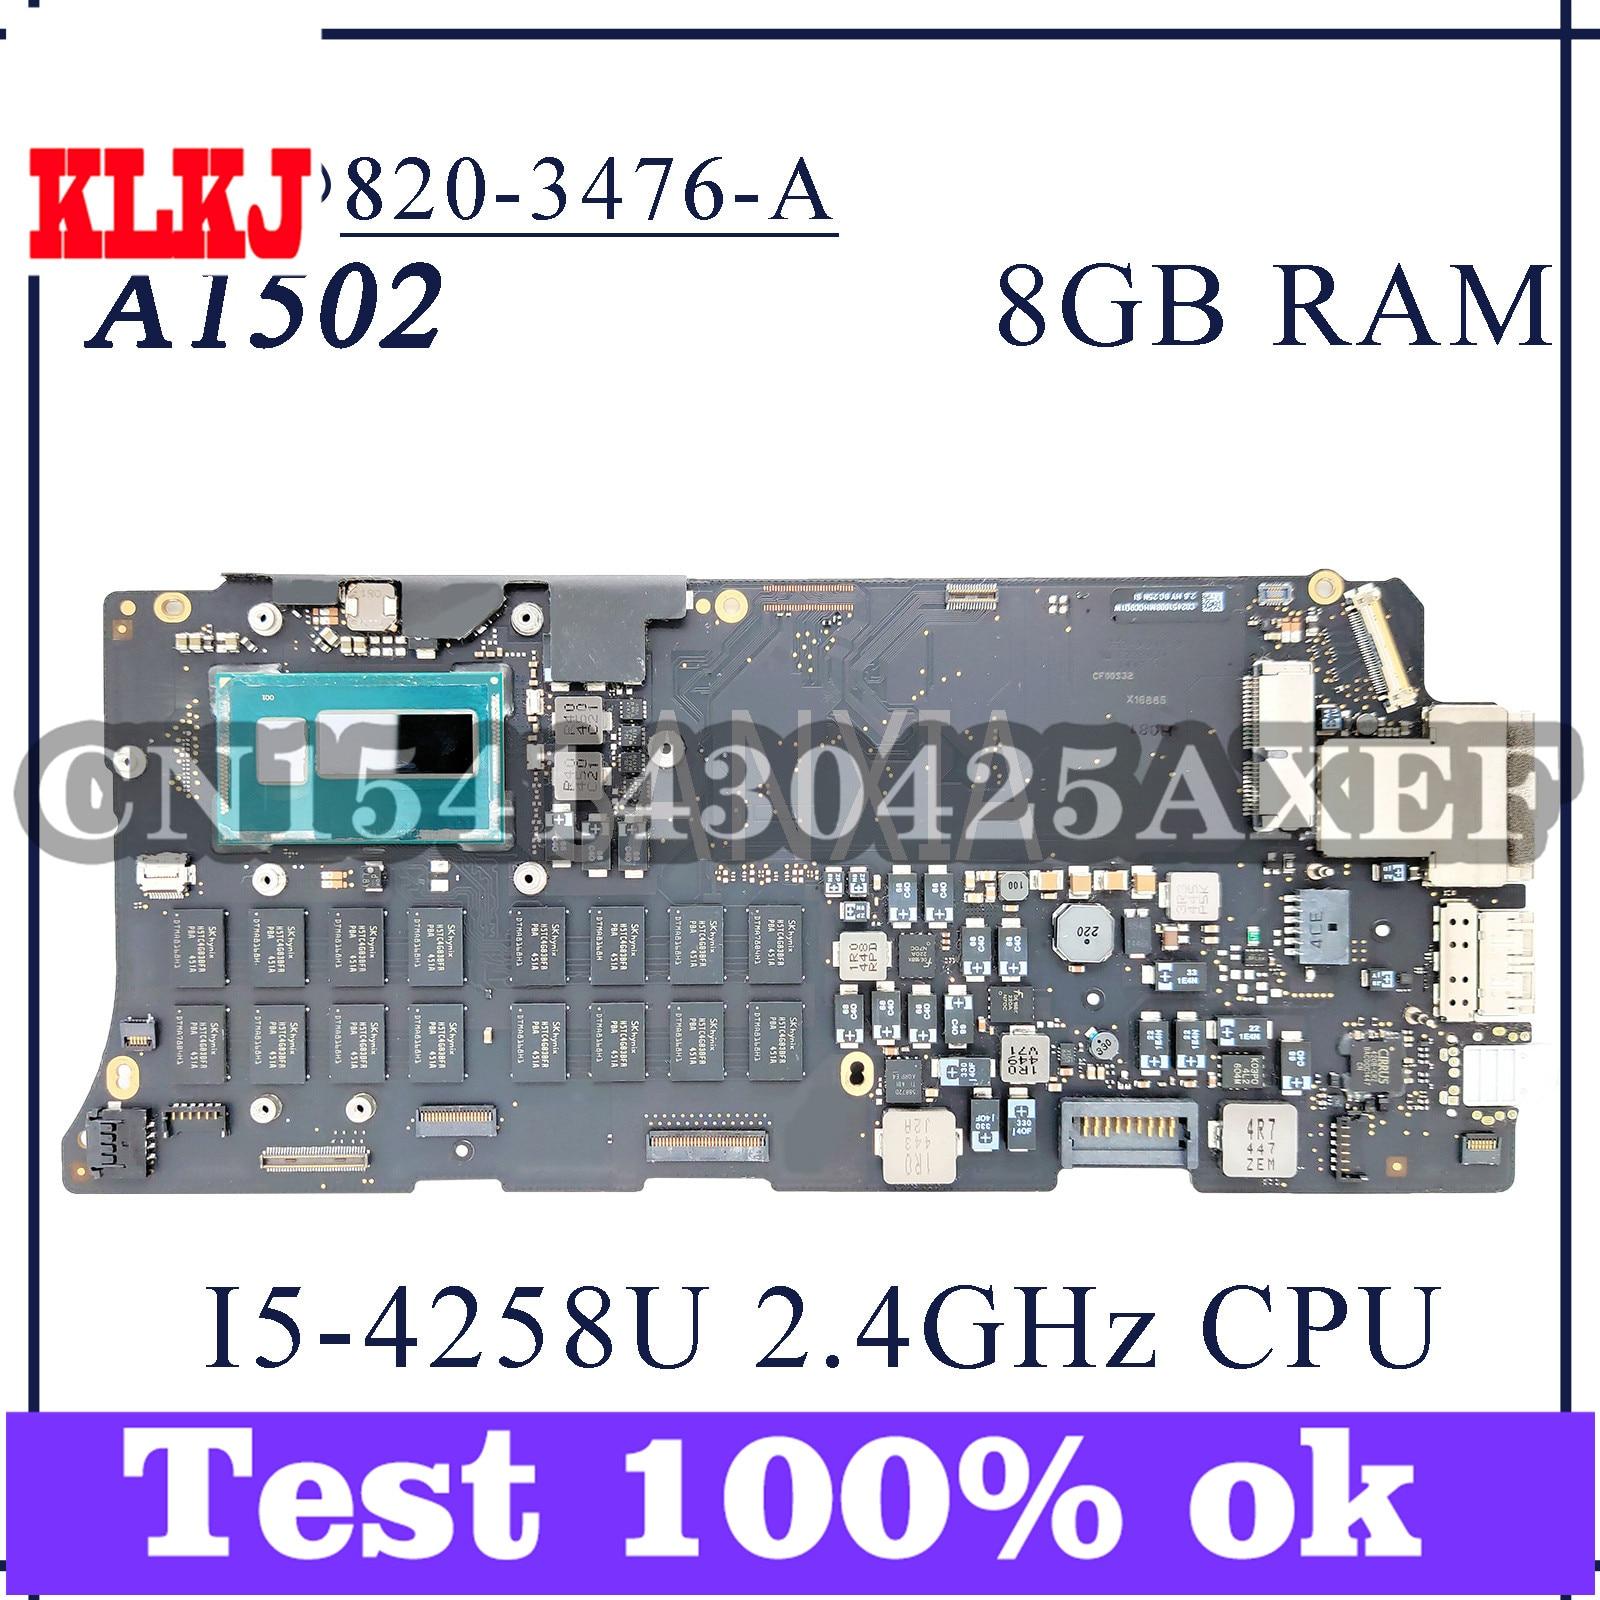 KLKJ 820-3476-A اللوحة الأم لأجهزة الكمبيوتر المحمول أبل A1502 اللوحة الرئيسية الأصلية 8GB-RAM I5-4258U 2.4GHz وحدة المعالجة المركزية